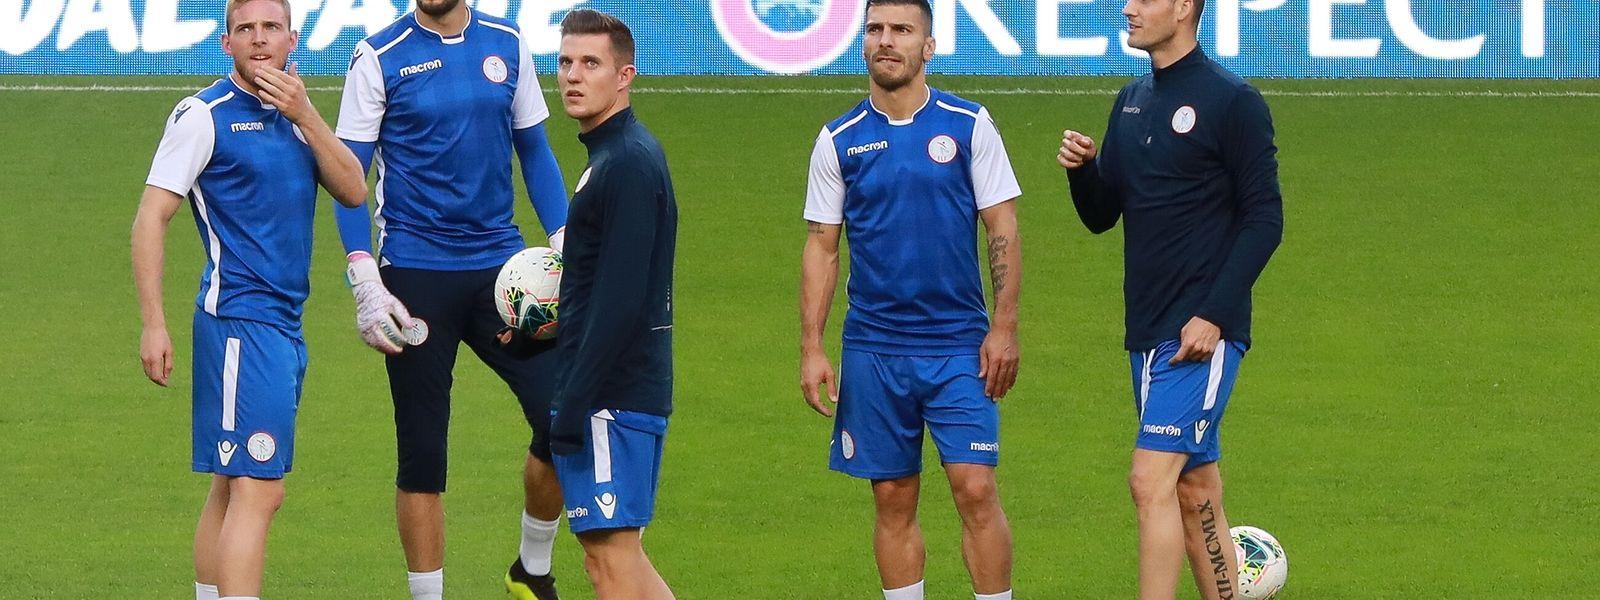 Am Mittwochabend trainieren die Nationalspieler im Stadion José Alvalade.